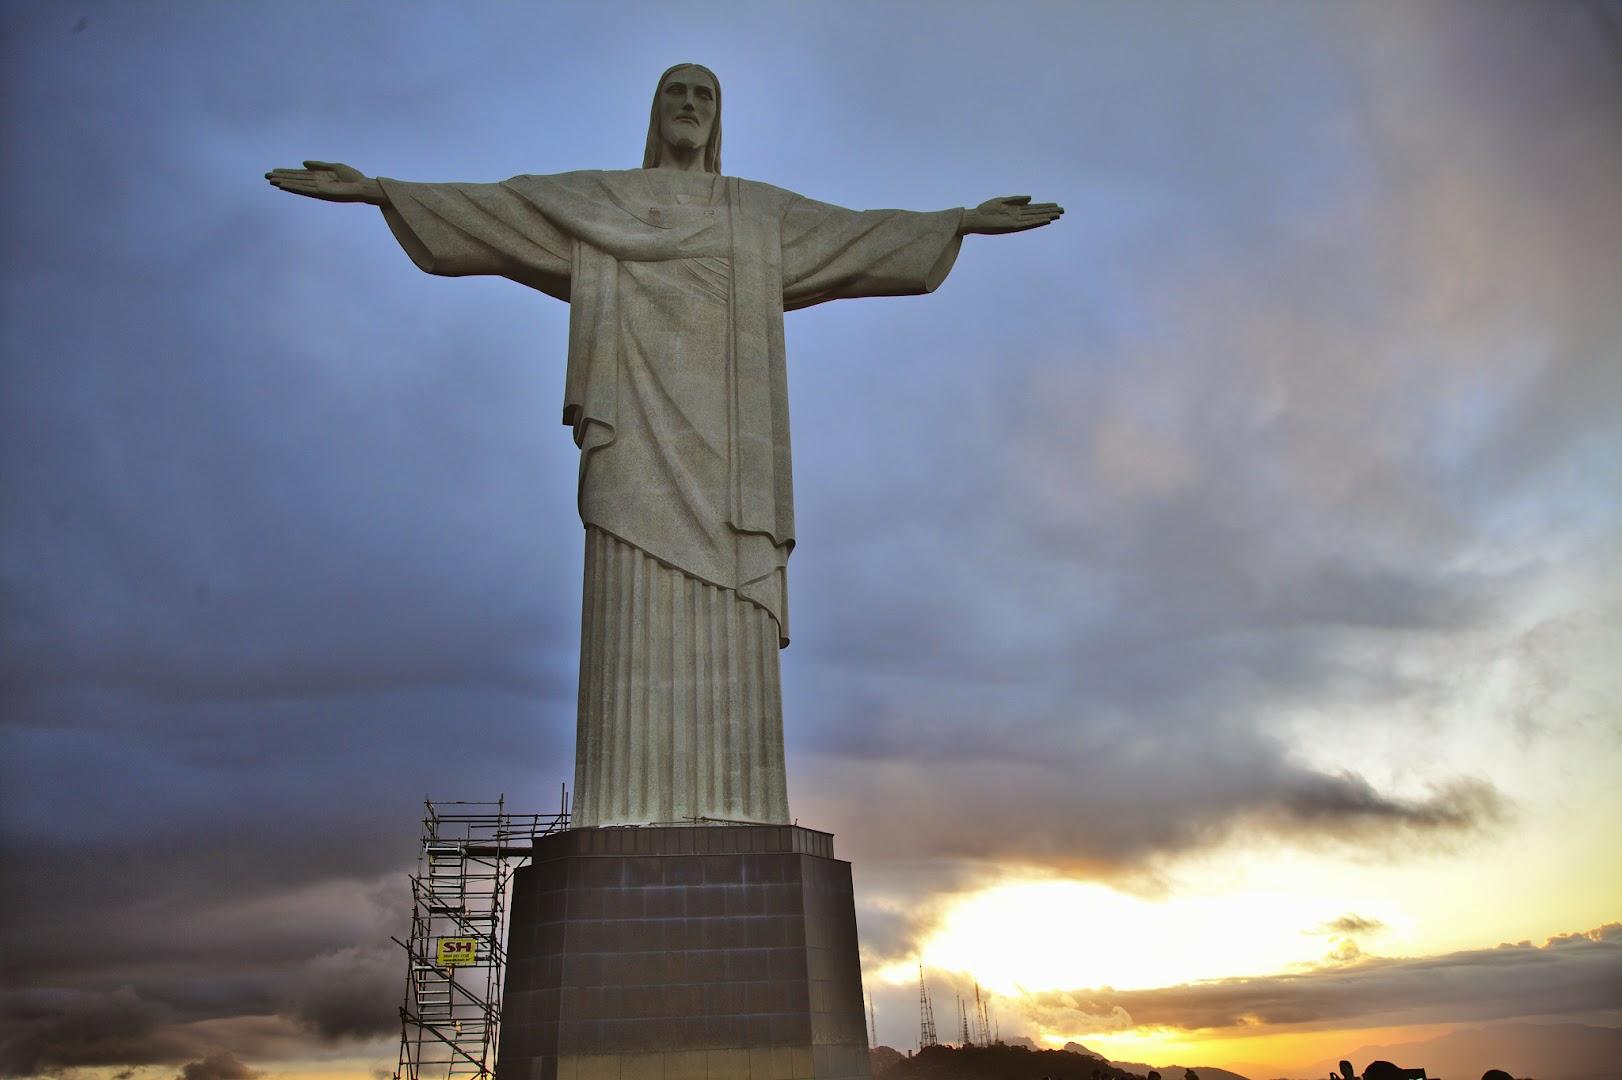 The Cristo